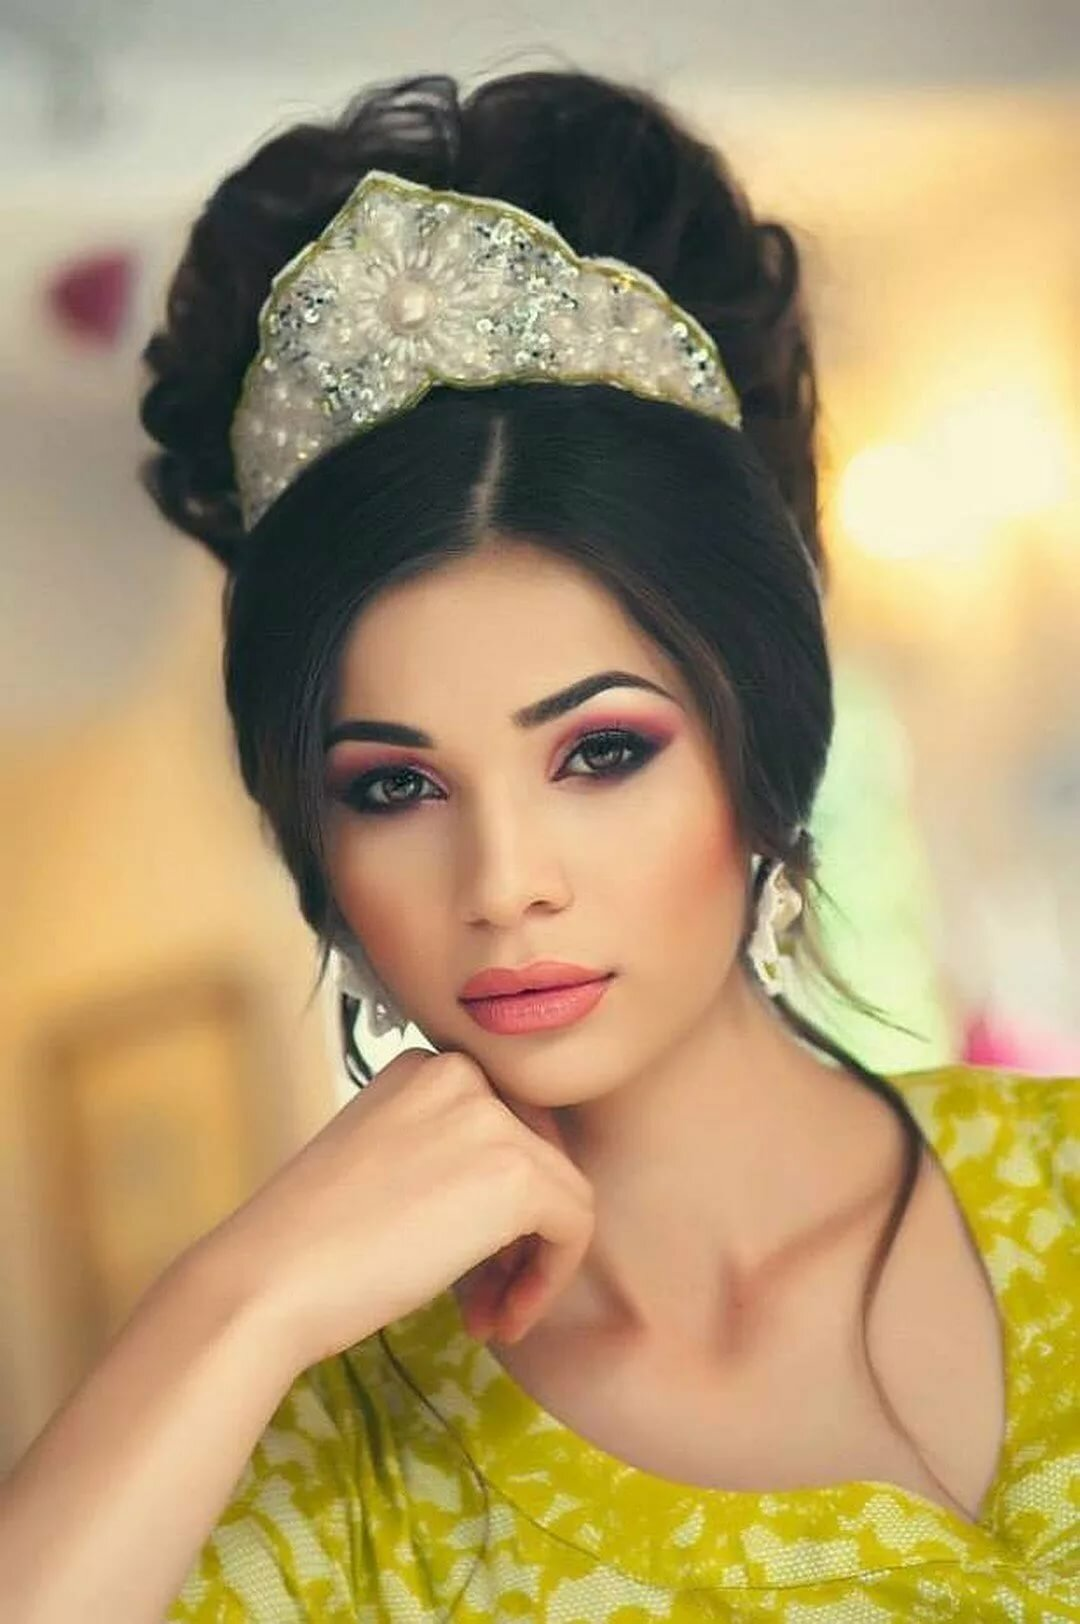 Турецкие красавицы картинки